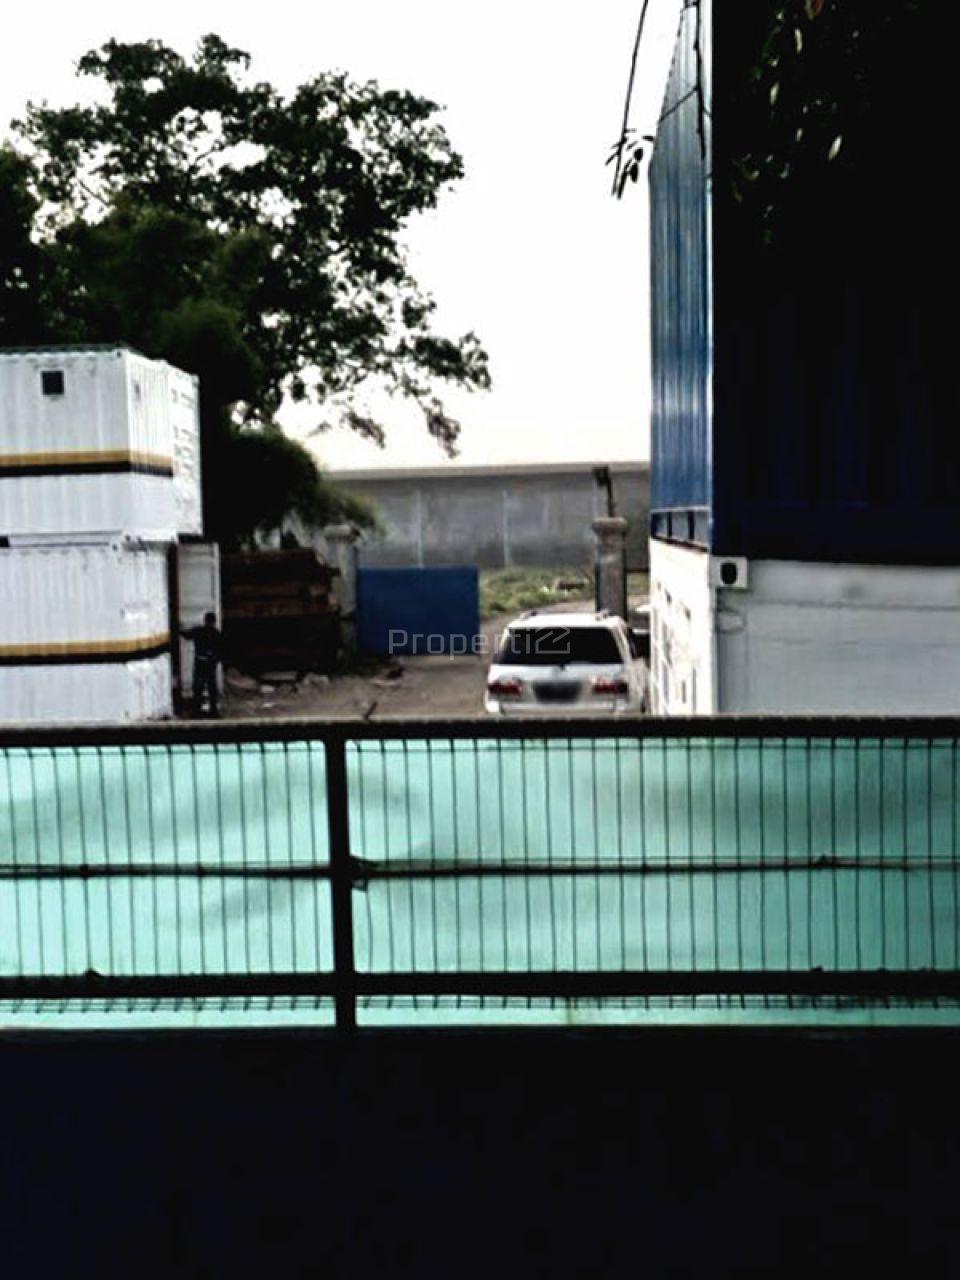 Lahan 3,6 Ha Peruntukan Rumah Vertikal di Rorotan, Cilincing, DKI Jakarta